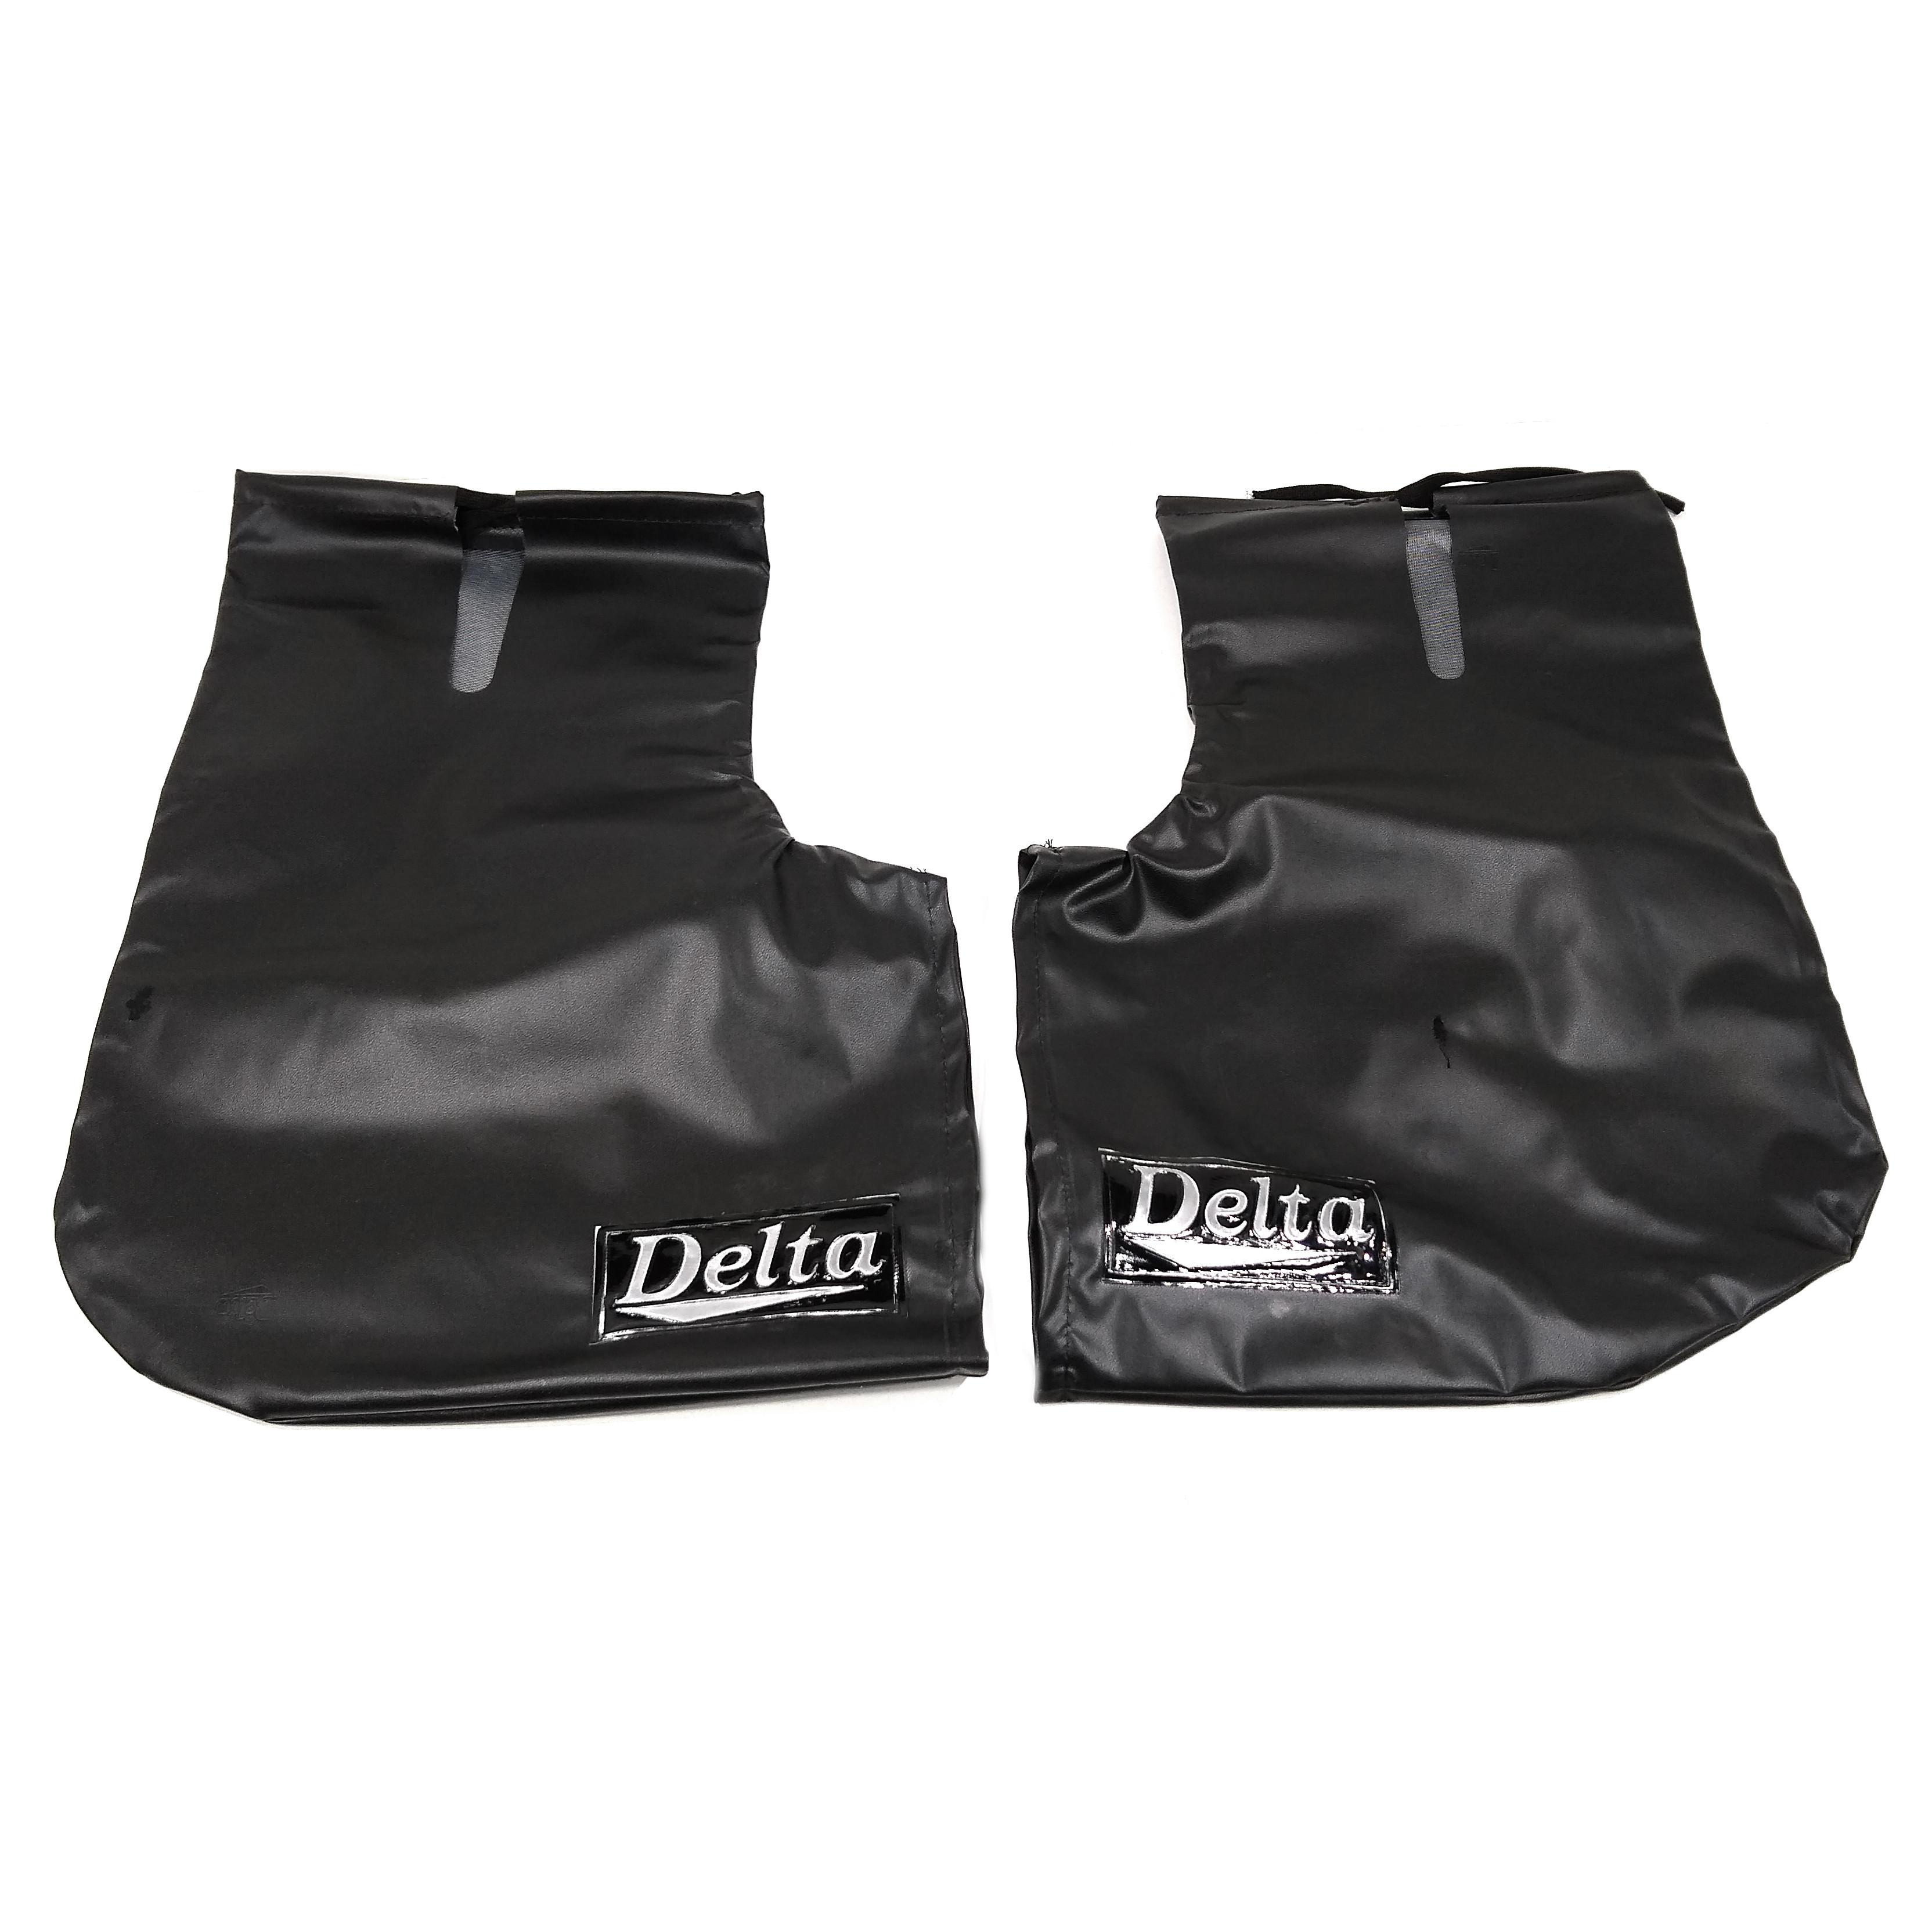 Cubre Manos de Cuerina Delta Resiste Frio y Agua